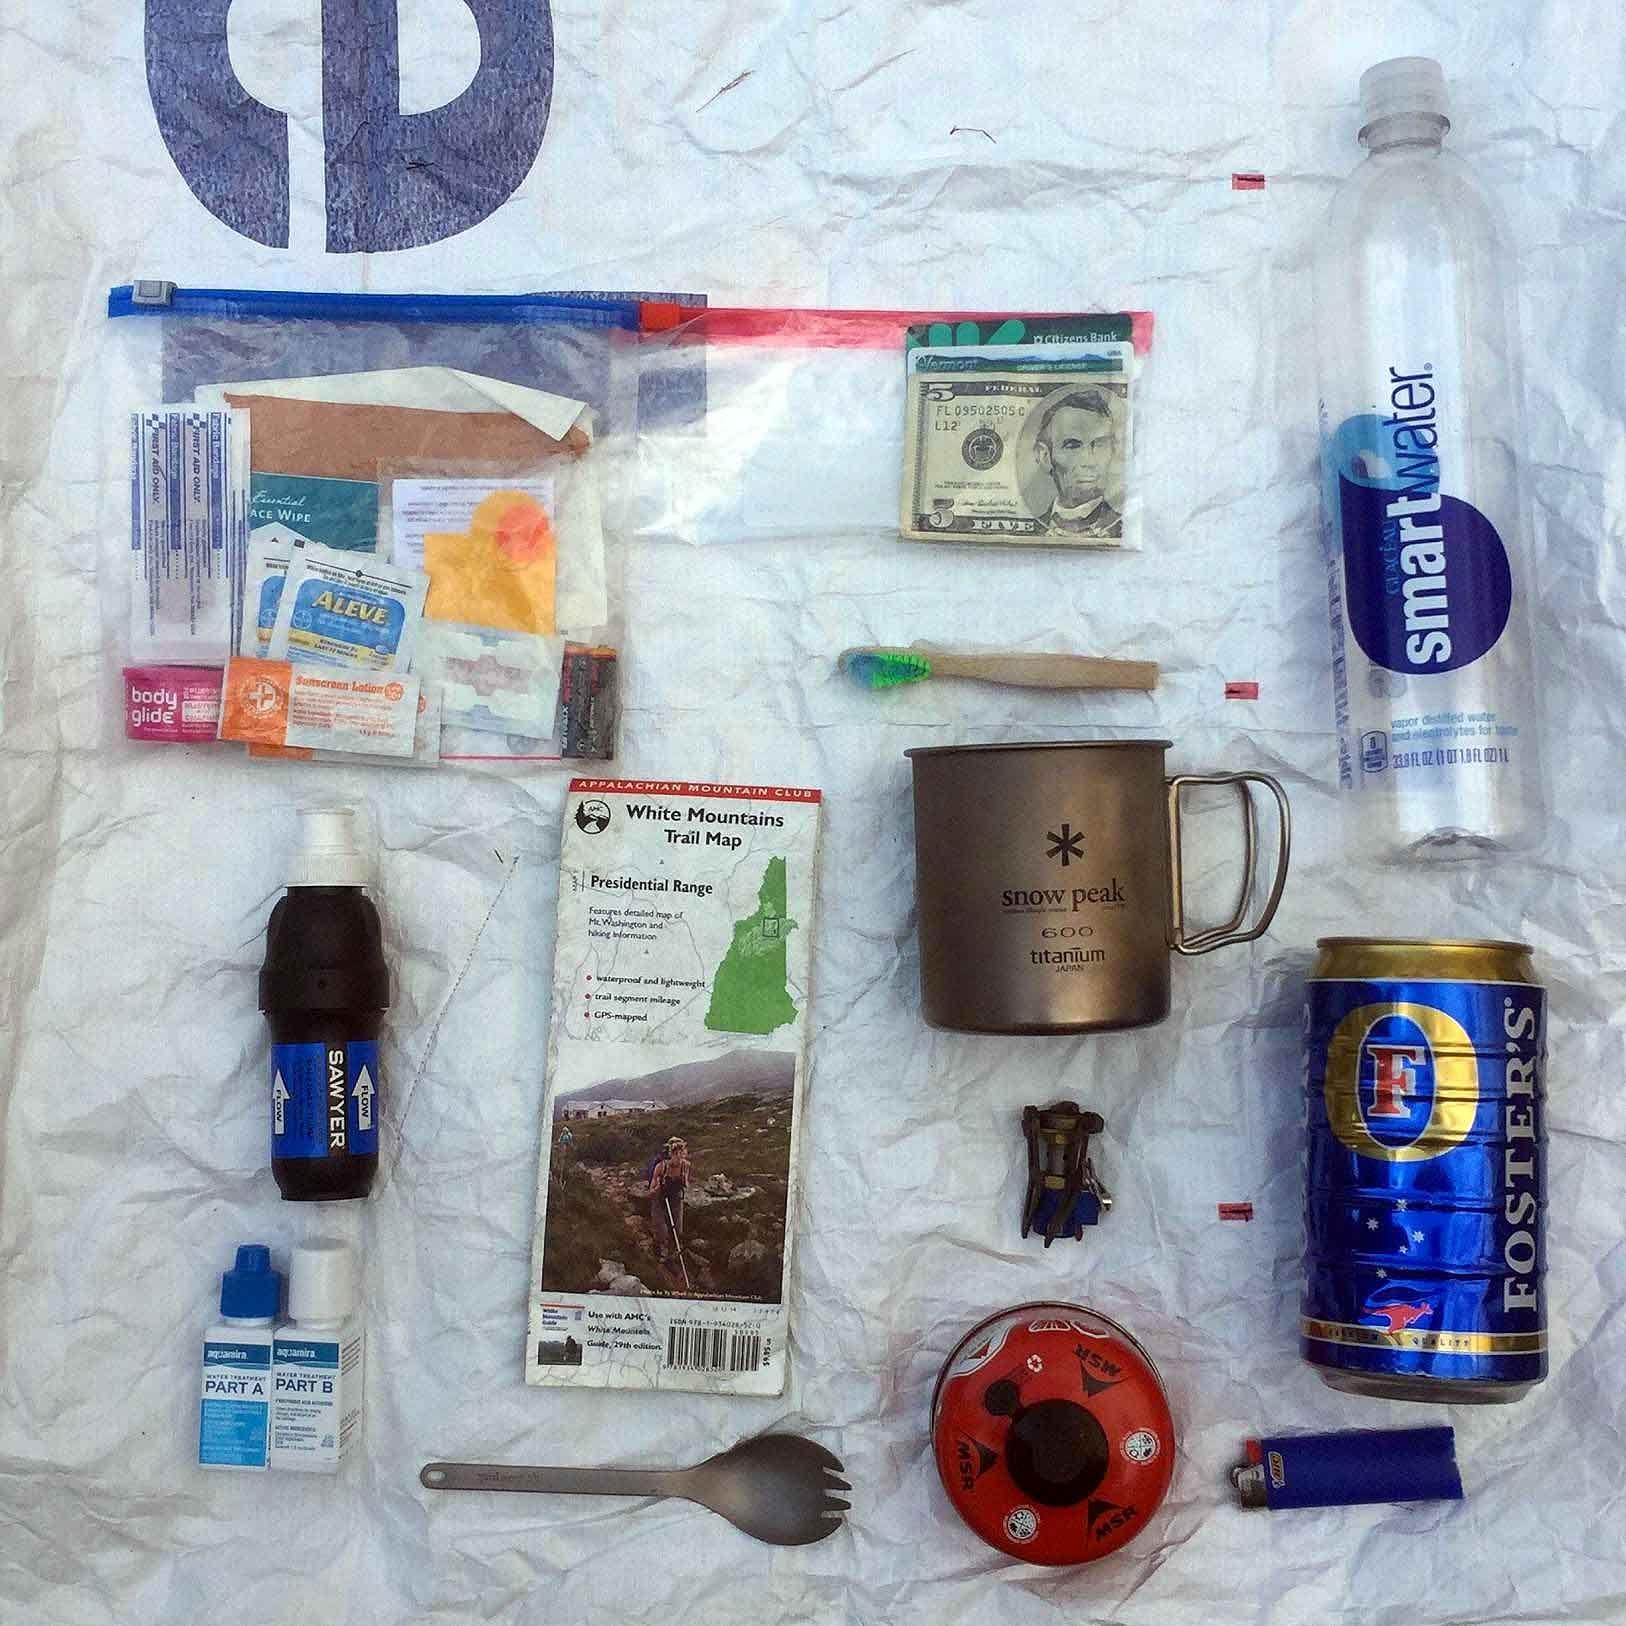 Light & Fast: 14 Ultralight Backpacking Tips